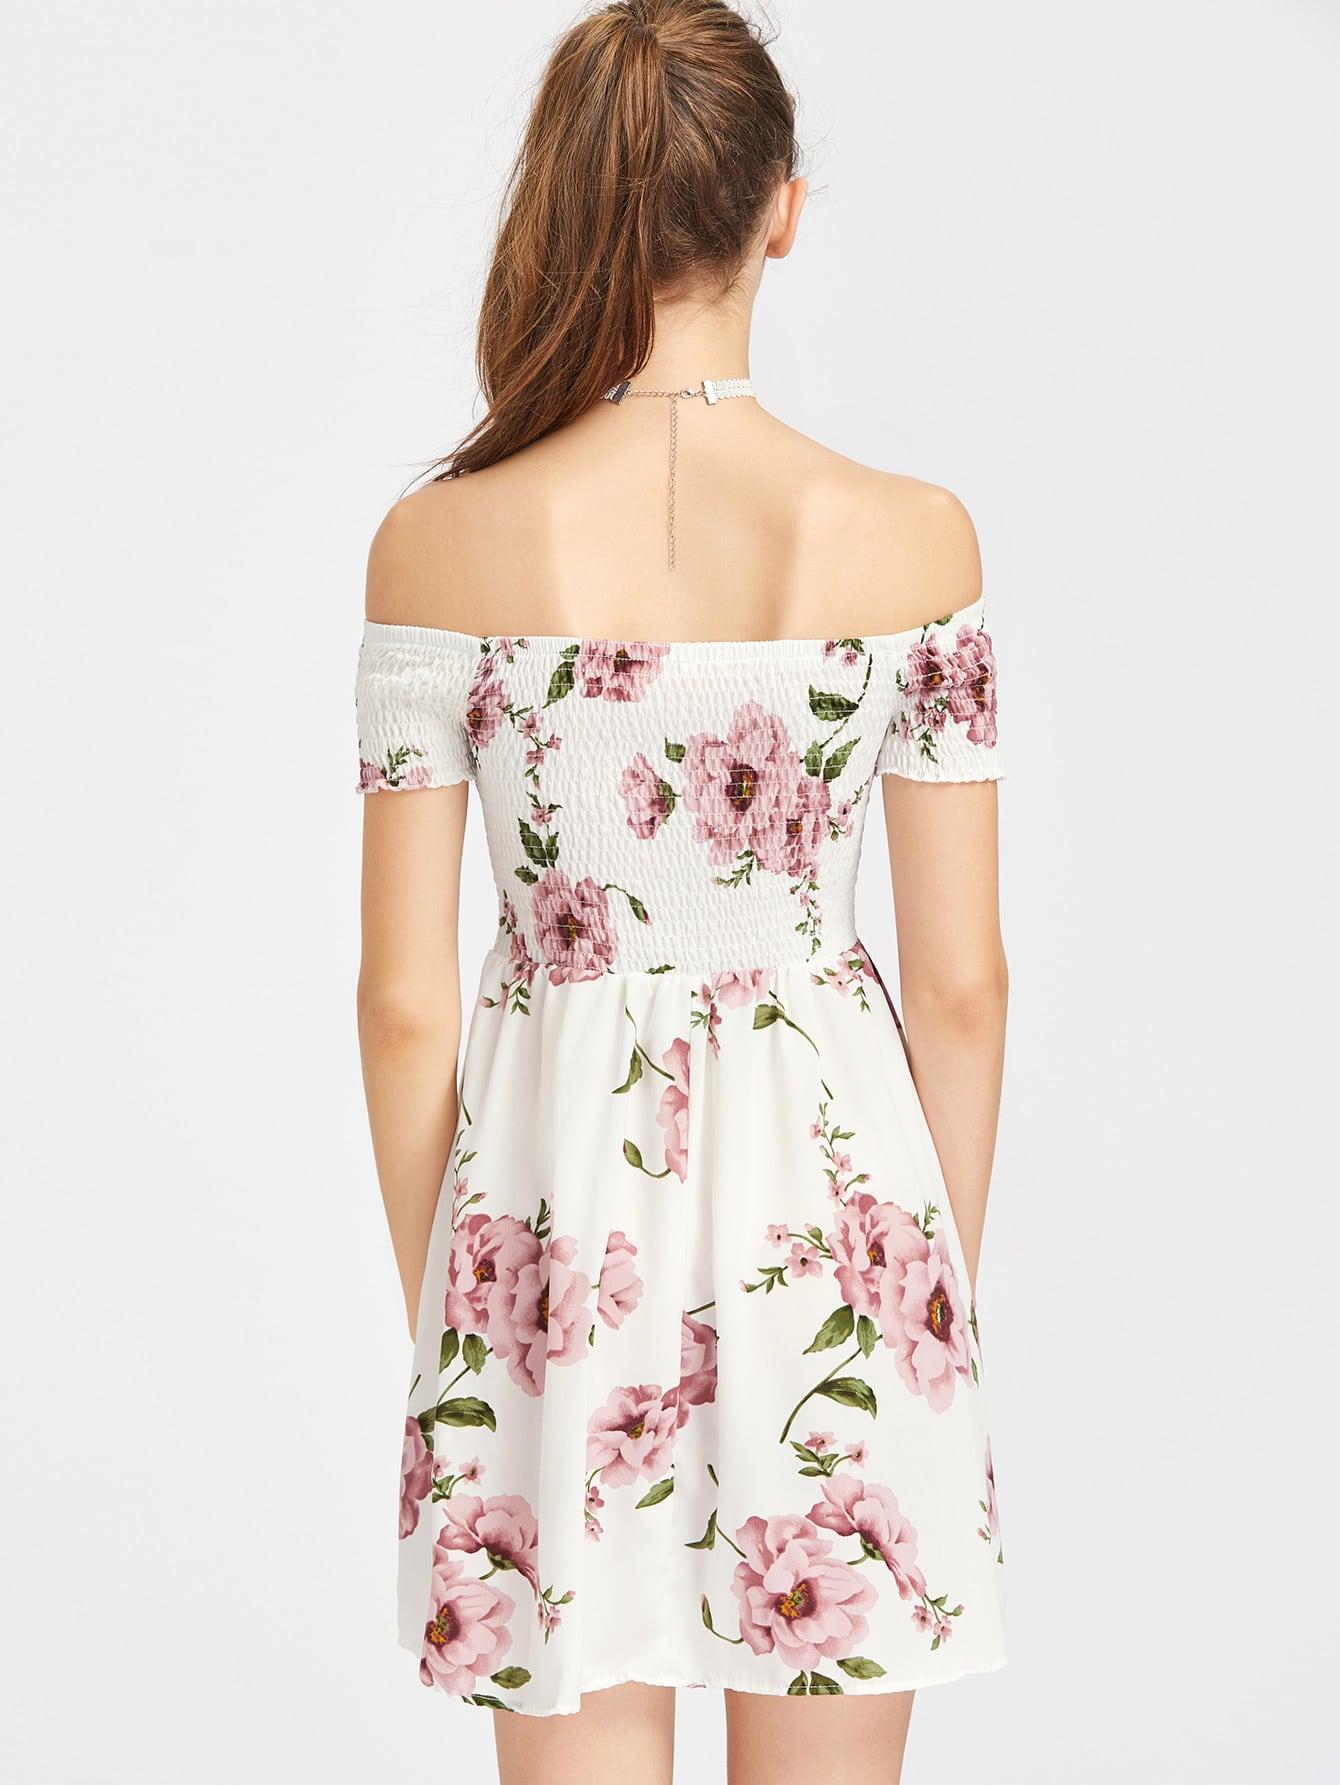 dress170411301_2